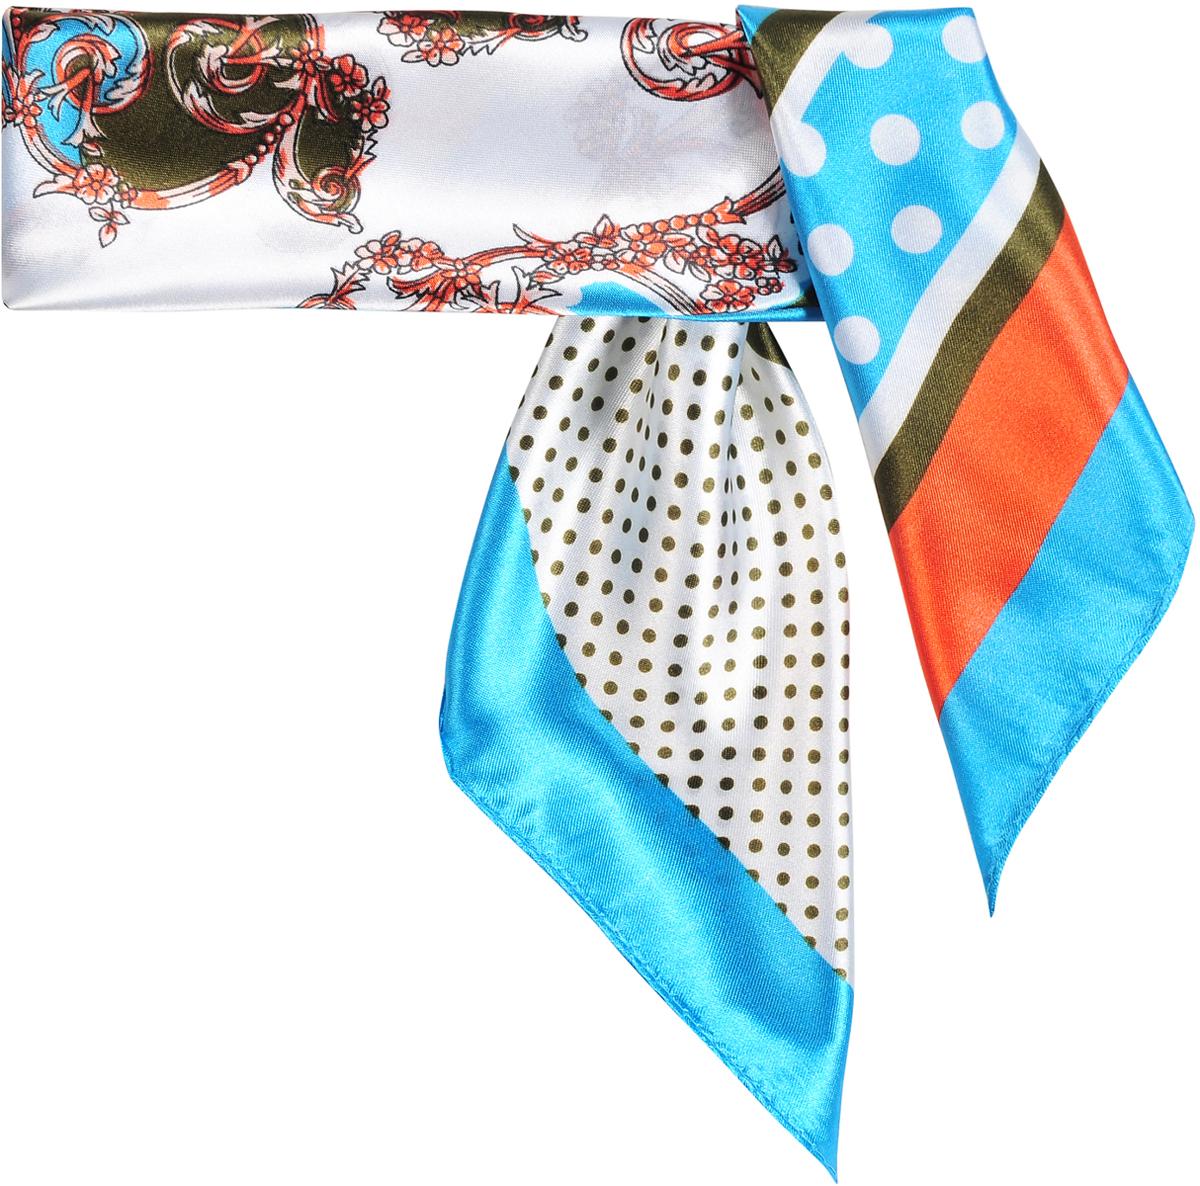 Шейный платок женский Модные истории, цвет: голубой, коричневый, белый. 23/0514/181. Размер 60 см х 60 см23/0514/181Модный шейный платок с панельным дизайном сочетает в себе блоки геометрических принтов. Натуральный шелк в составе придает ему атласную, приятную на ощупь поверхность. Лаконичная машинная обработка края. Платок с ярким, контрастным кантом -прекрасно подойдет для любого случая.